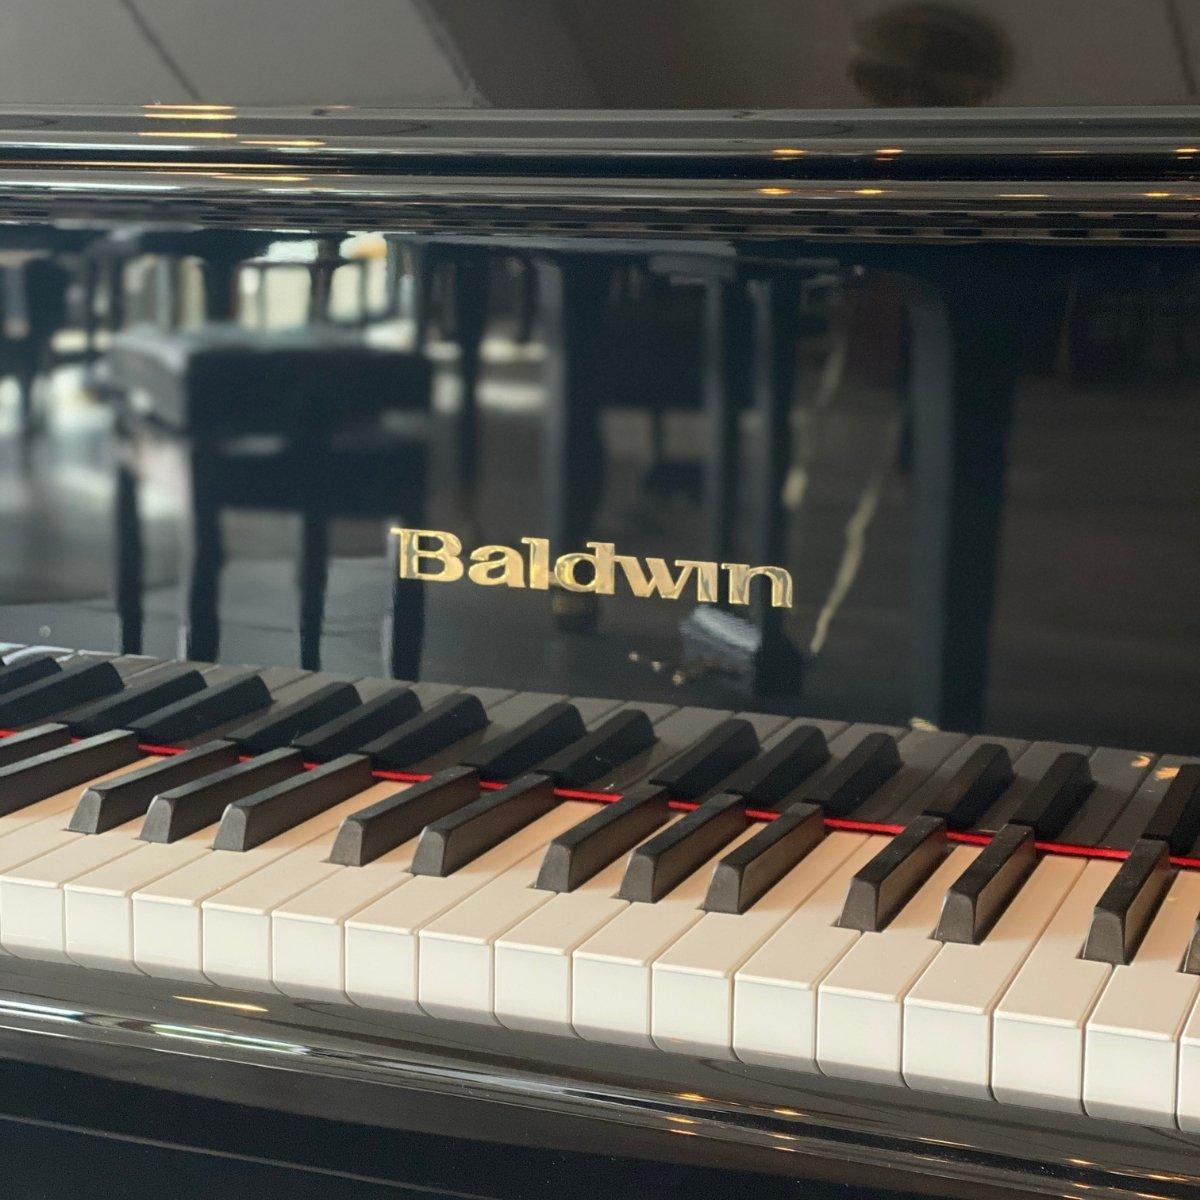 SOLD - Baldwin 165 (5?5?)  Model U-114E Grand Piano